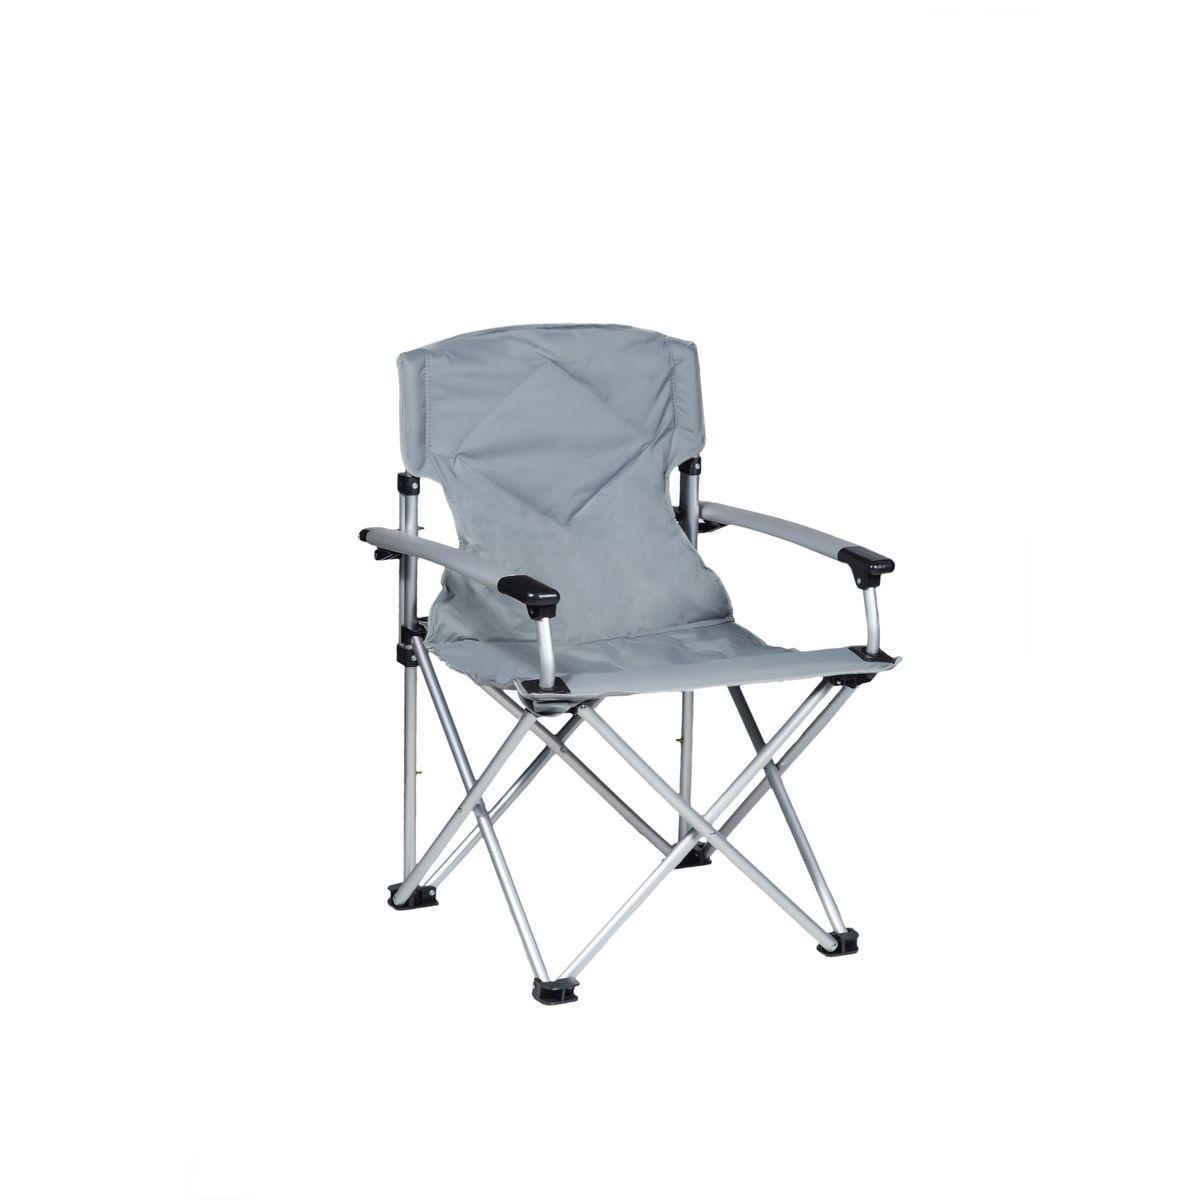 Кресло складное Green Glade M2306, 65 см х 66 см х 95 смМ2306Складное кресло Green Glade M2306 предназначено для создания комфортных условий в туристических походах, рыбалке и кемпинге.Особенности:Компактная складная конструкция.Прочный стальной каркас 25/21,5 мм.Прочный полиэстер + ПВХ с набивкой из пеноматериала.Пластиковые подлокотники.Чехол для переноски и хранения.